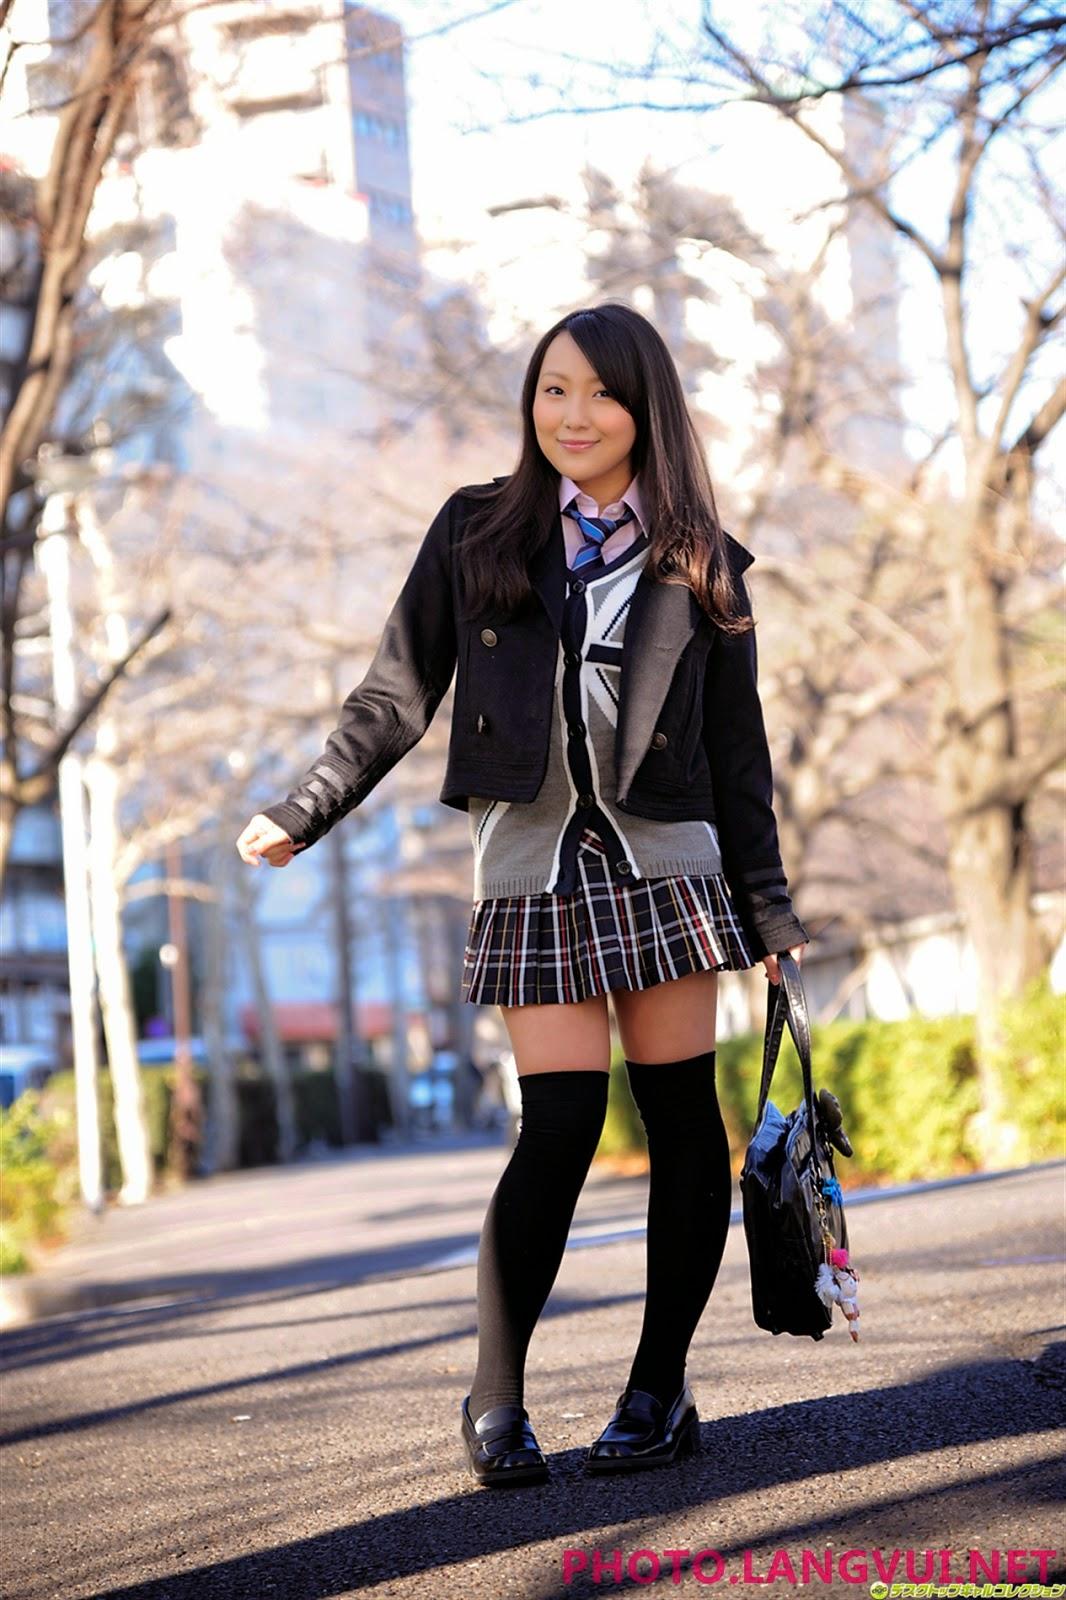 DGC No-930 Chiri Arikawa